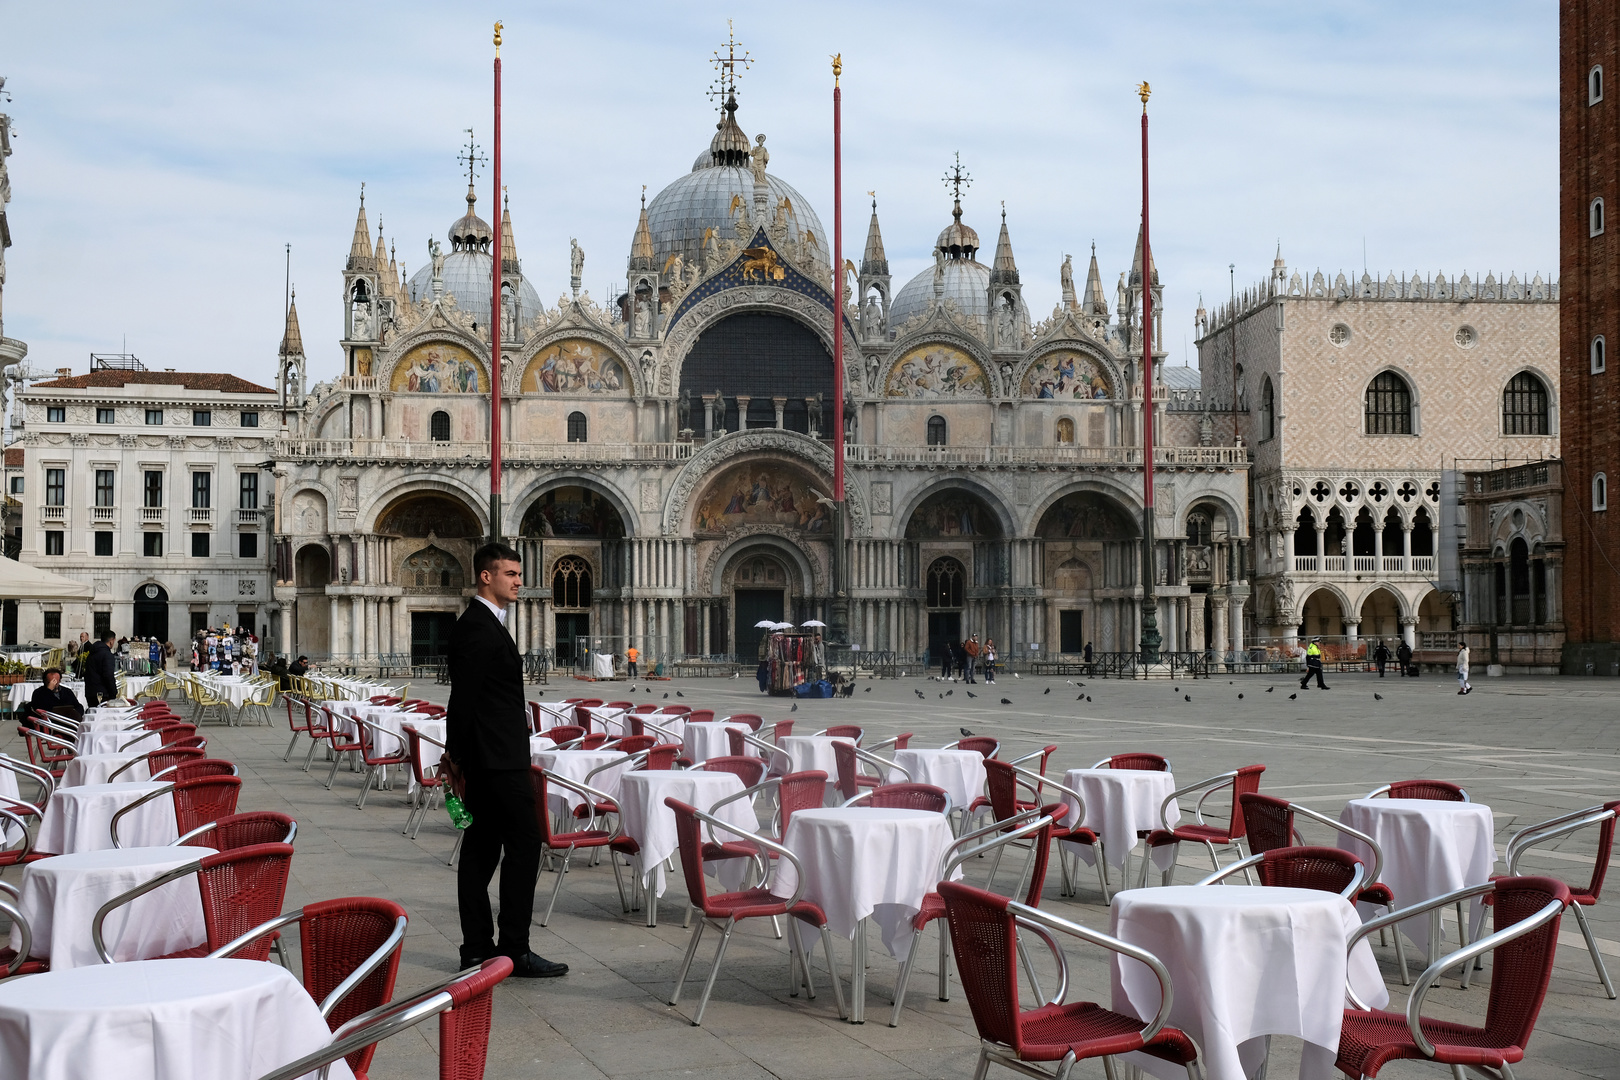 Ein Kellner steht an leeren Tischen vor einem Restaurant auf dem Markusplatz, nachdem die italienische Regierung den Norden Italiens einschließlich Venedigs praktisch abgeriegelt hat, um einen Coronavirus-Ausbruch einzudämmen